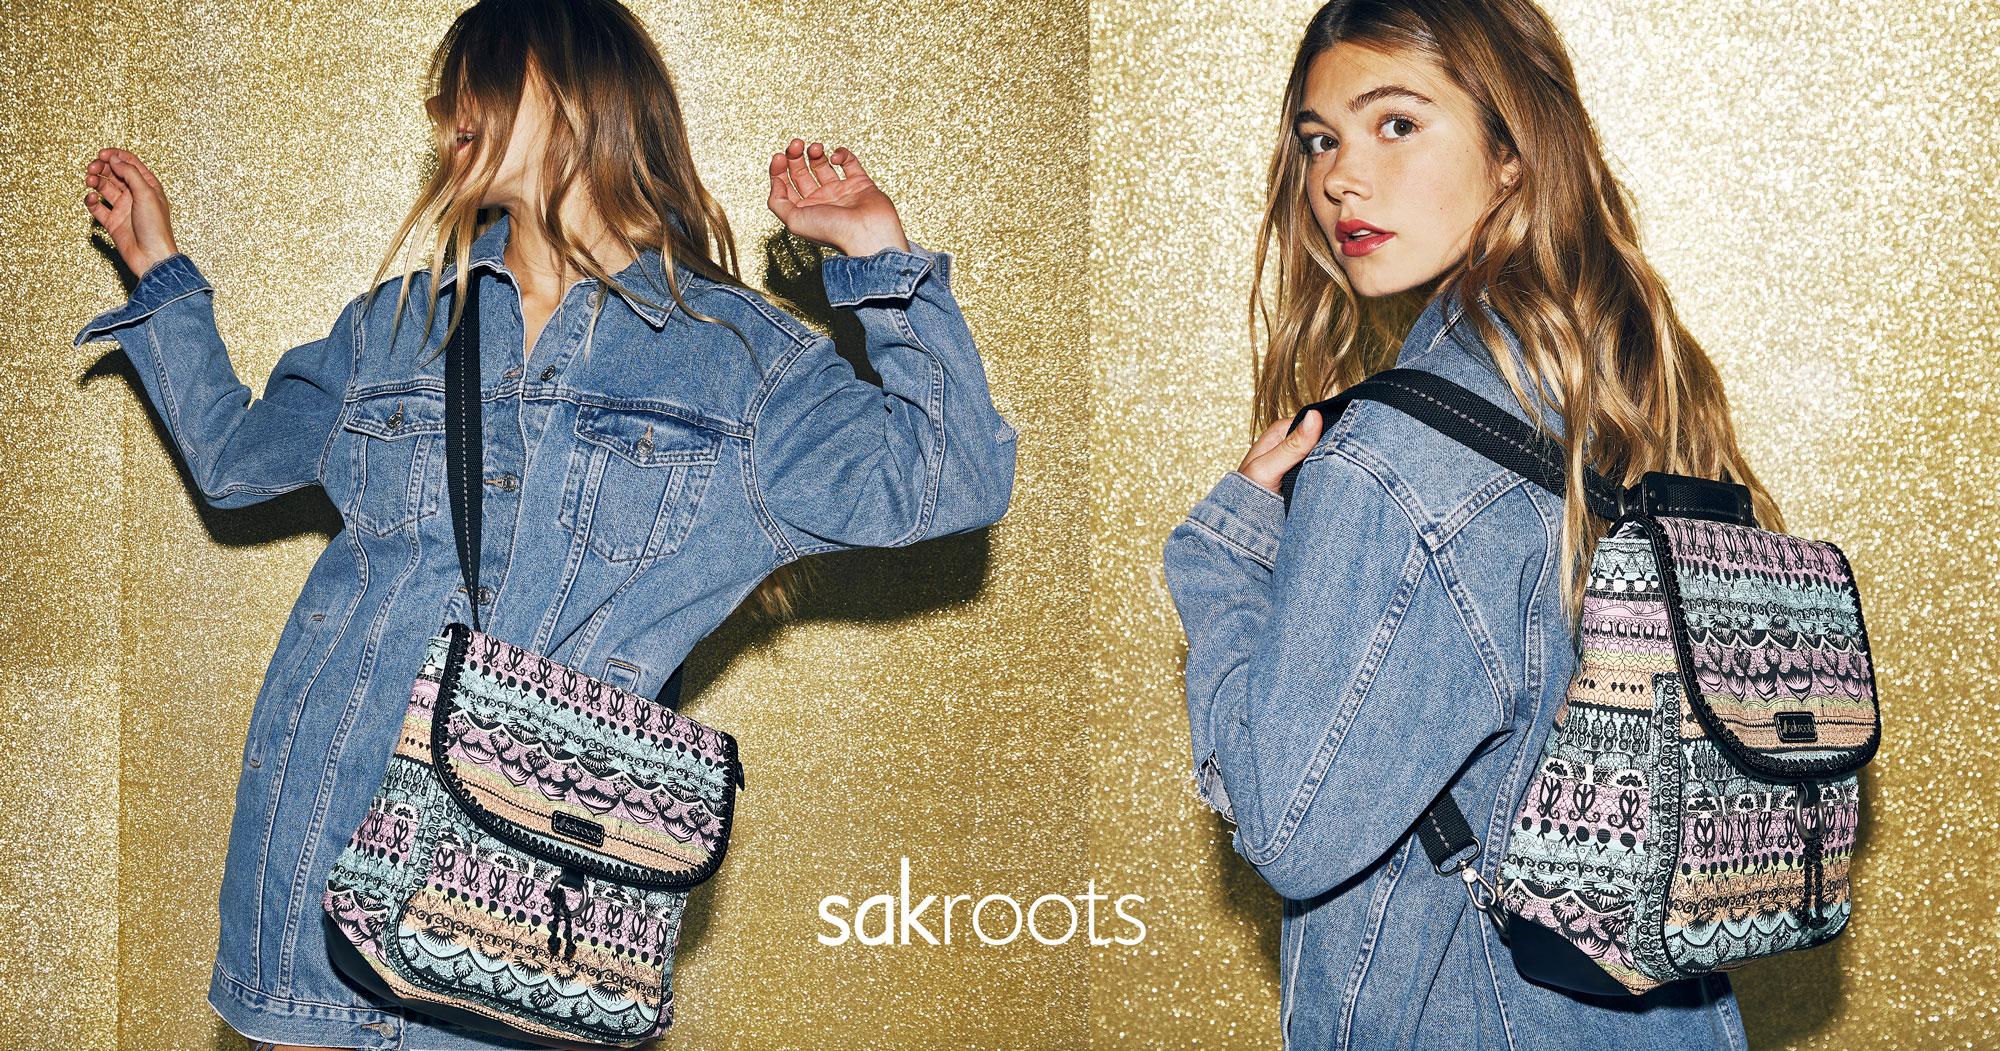 SR-backpack-pic.jpg